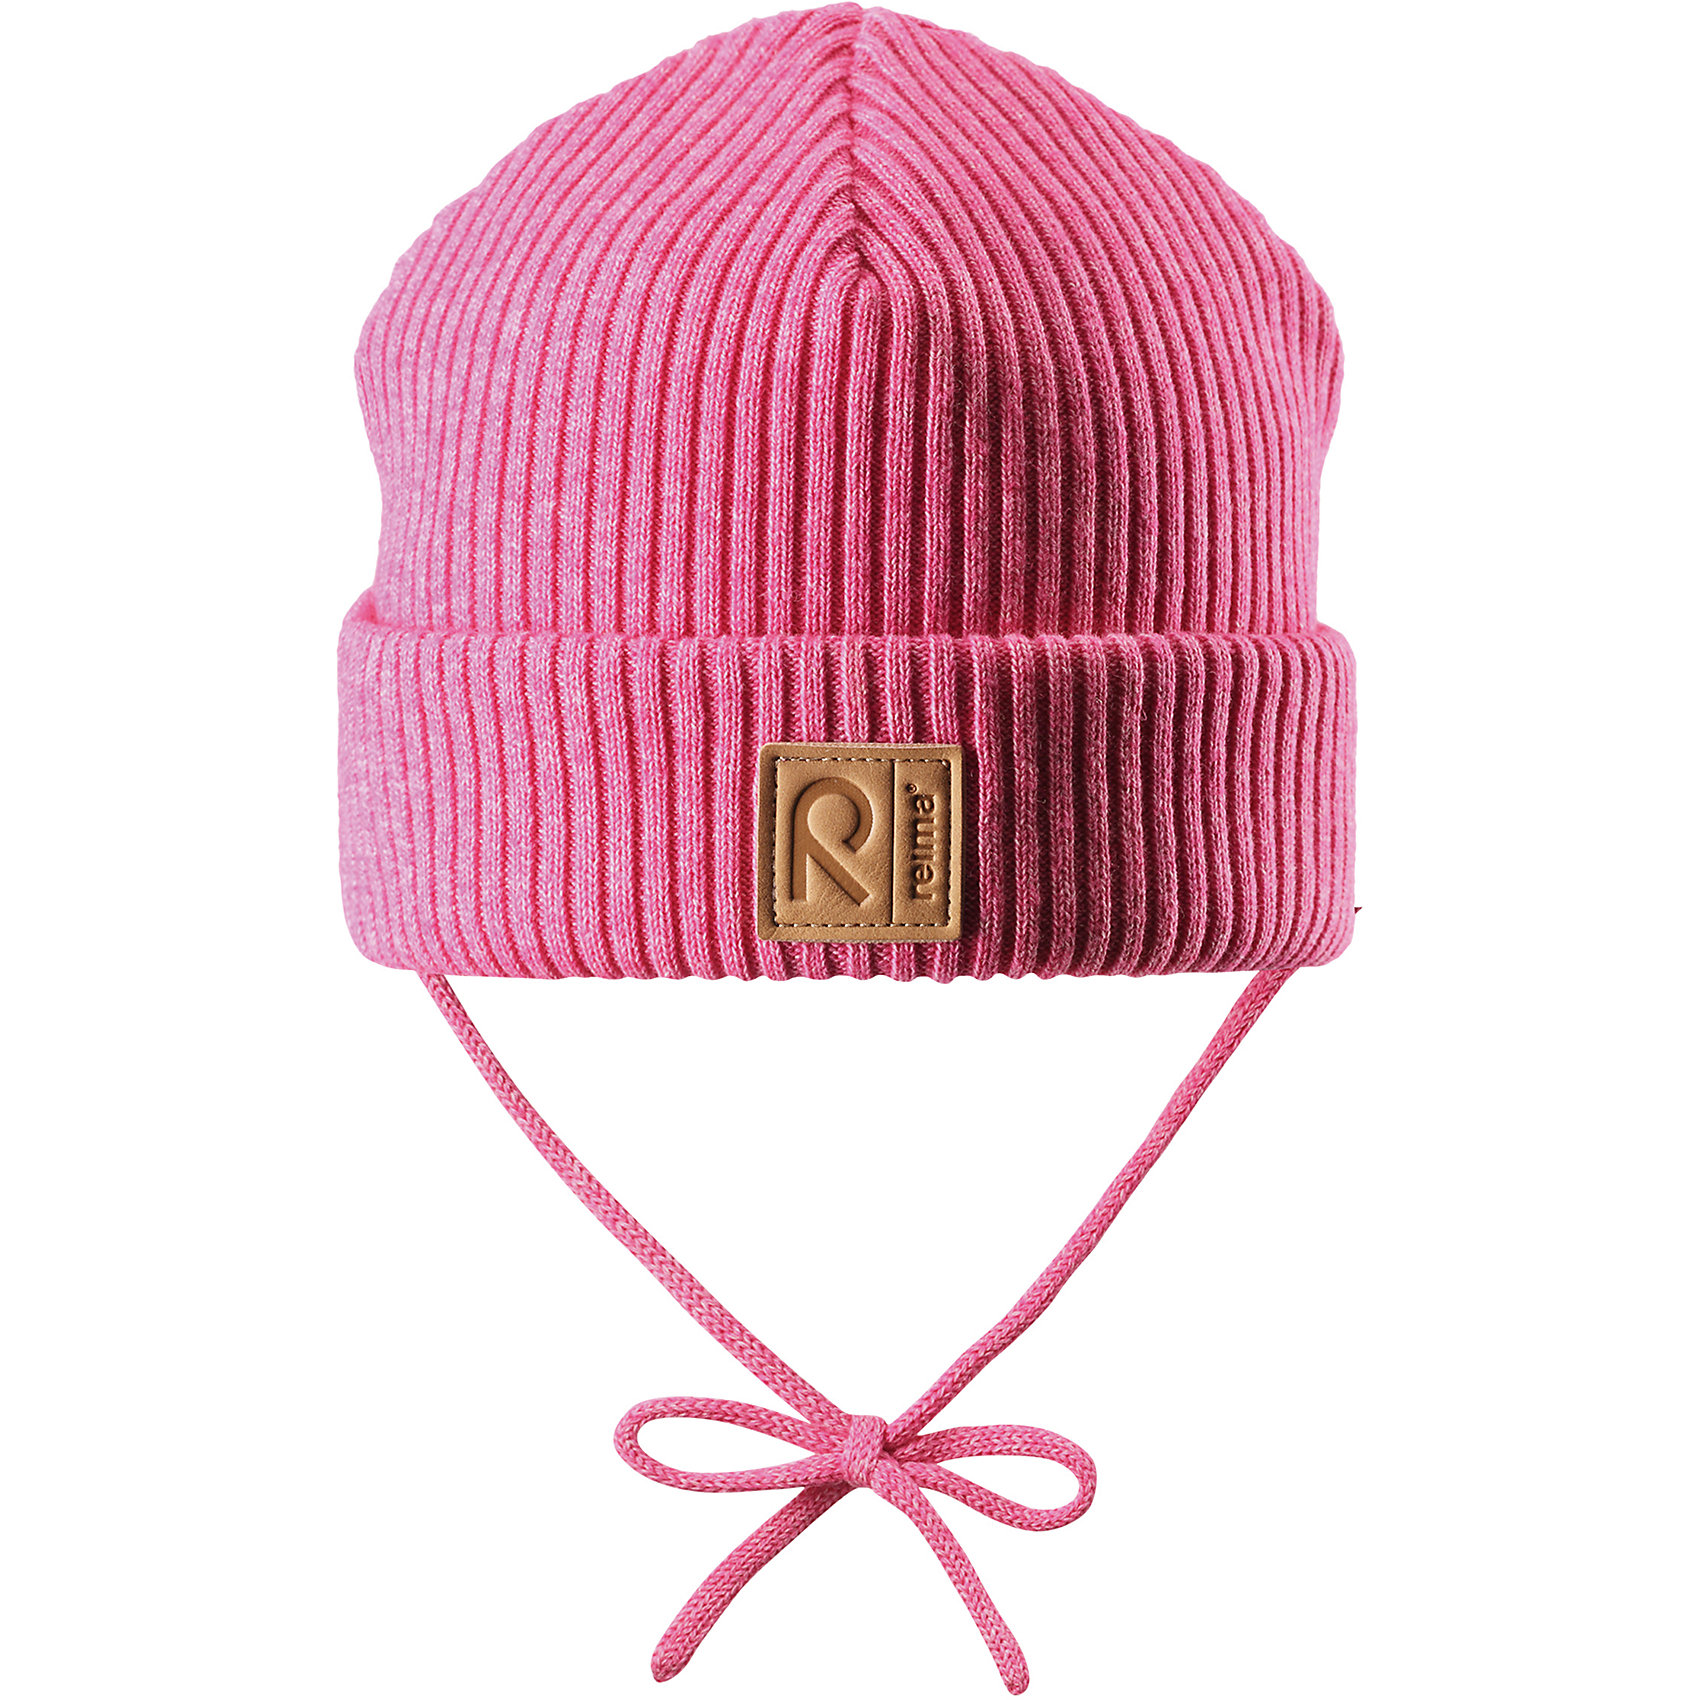 Шапка Reima KastanjaШапочки<br>Характеристики товара:<br><br>• цвет: розовый;<br>• состав: 85% хлопок, 15% шерсть;<br>• температурный режим: от 0 до +10С;<br>• сезон: демисезон; <br>• особенности модели: вязаная, на завязках;<br>• специальный материал обеспечивает дополнительный комфорт<br>• мягкий и удобный трикотаж из смеси хлопка и шерсти<br>• ветронепроницаемые вставки в области ушей<br>• логотип Reima спереди;<br>• страна бренда: Финляндия;<br>• страна изготовитель: Китай.<br><br>Вязаная шапка на завязках для малышей, которая идеально подойдет для ветреной осенней погоды. Шапка сшита из хлопка и шерсти, благодаря плотному материалу и ветронепроницаемым вставкам она надежно защищает кроху от ветра. <br><br>Шапка Kastanja Reima от финского бренда Reima (Рейма) можно купить в нашем интернет-магазине.<br><br>Ширина мм: 89<br>Глубина мм: 117<br>Высота мм: 44<br>Вес г: 155<br>Цвет: розовый<br>Возраст от месяцев: 36<br>Возраст до месяцев: 48<br>Пол: Унисекс<br>Возраст: Детский<br>Размер: 50-52,46-48<br>SKU: 6906946